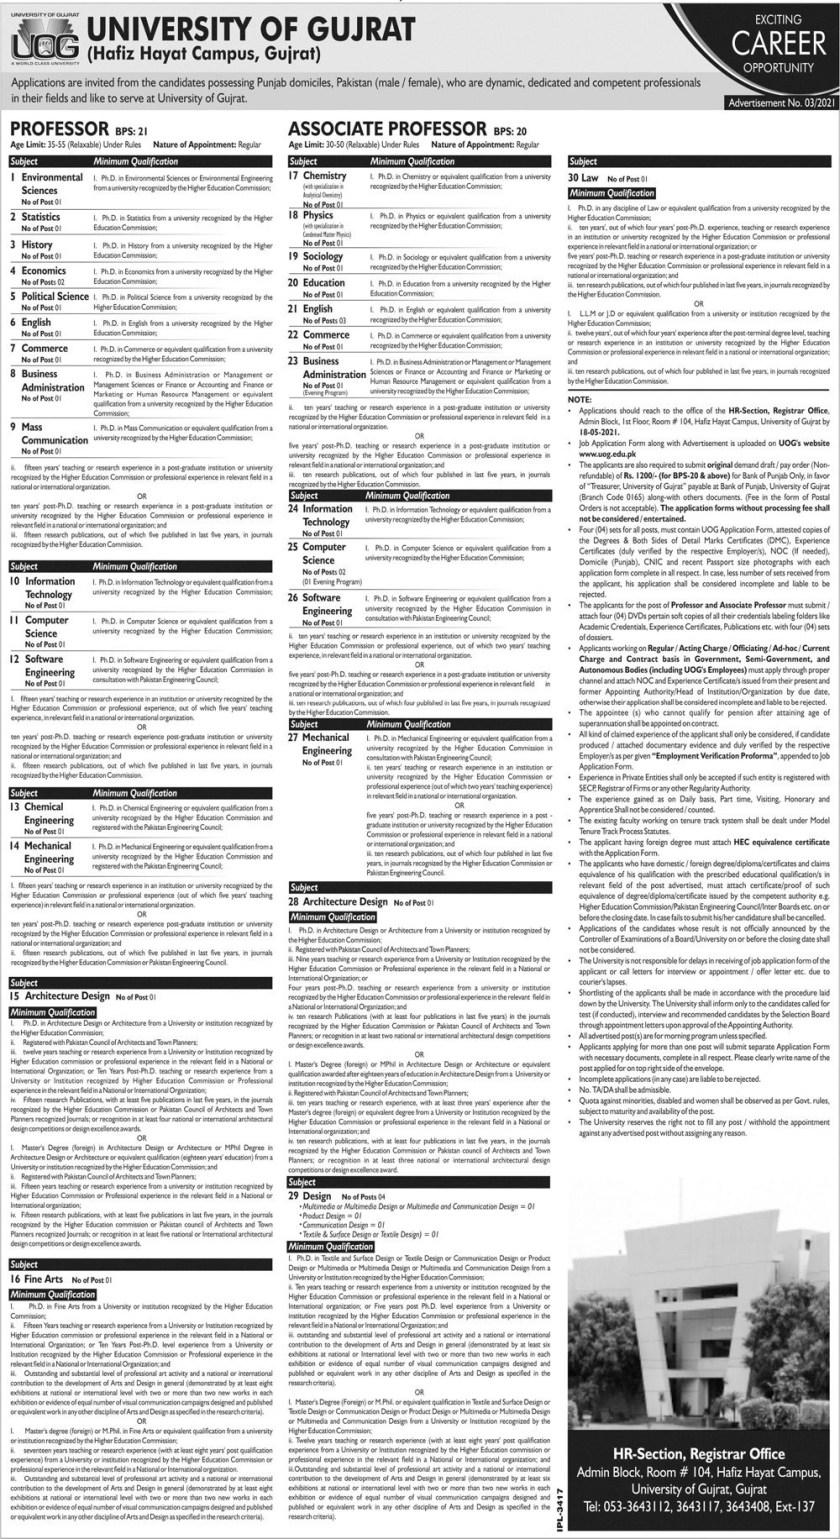 University of Gujrat UOG Gujrat Jobs 2021